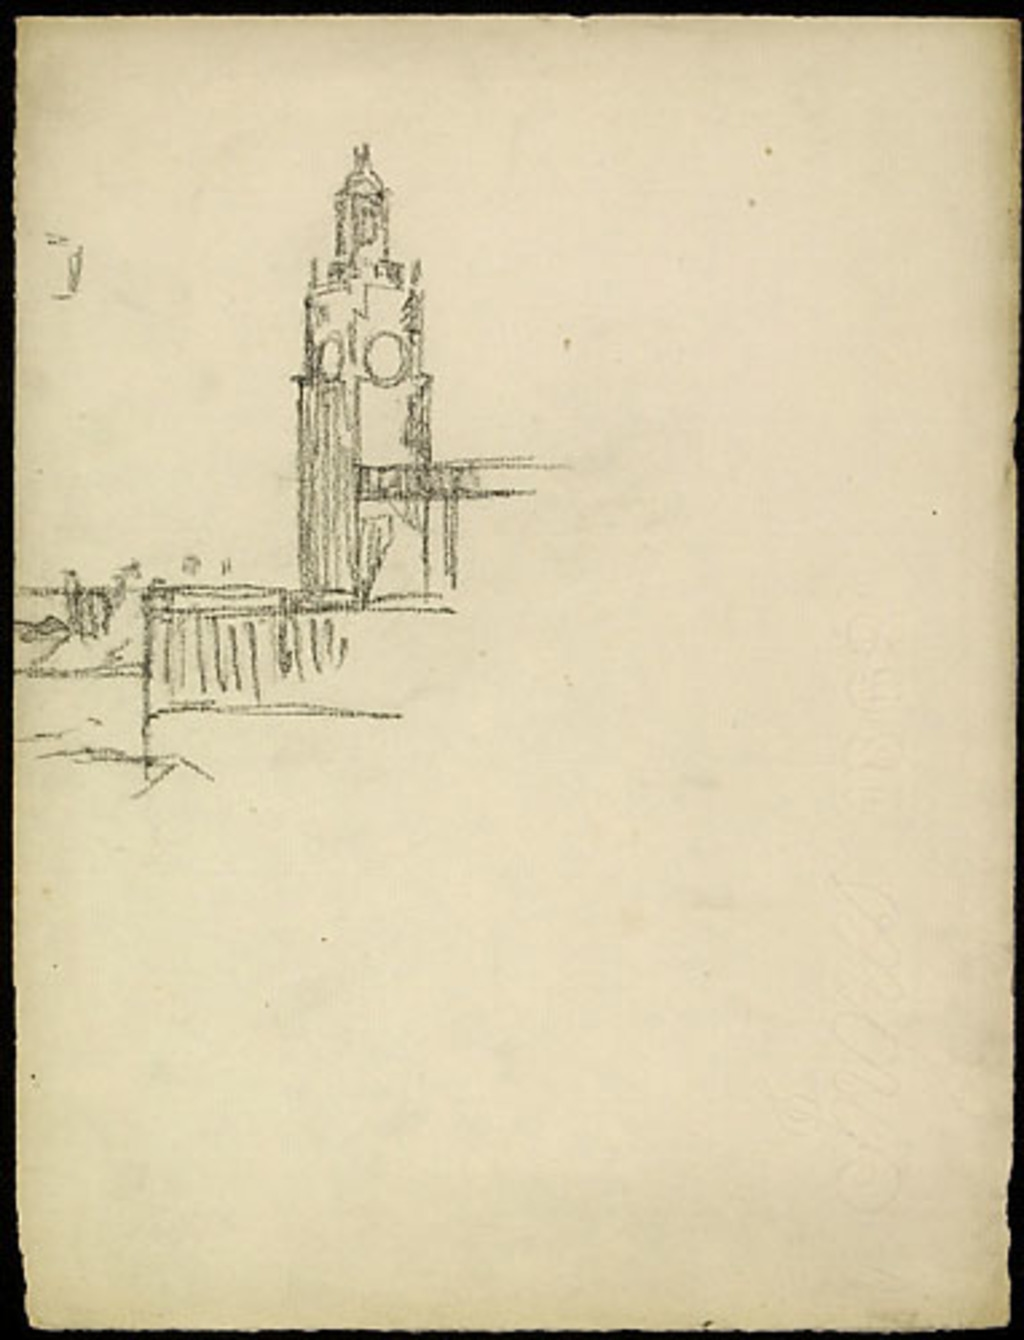 Tour de l'horloge dans le port de Montréal